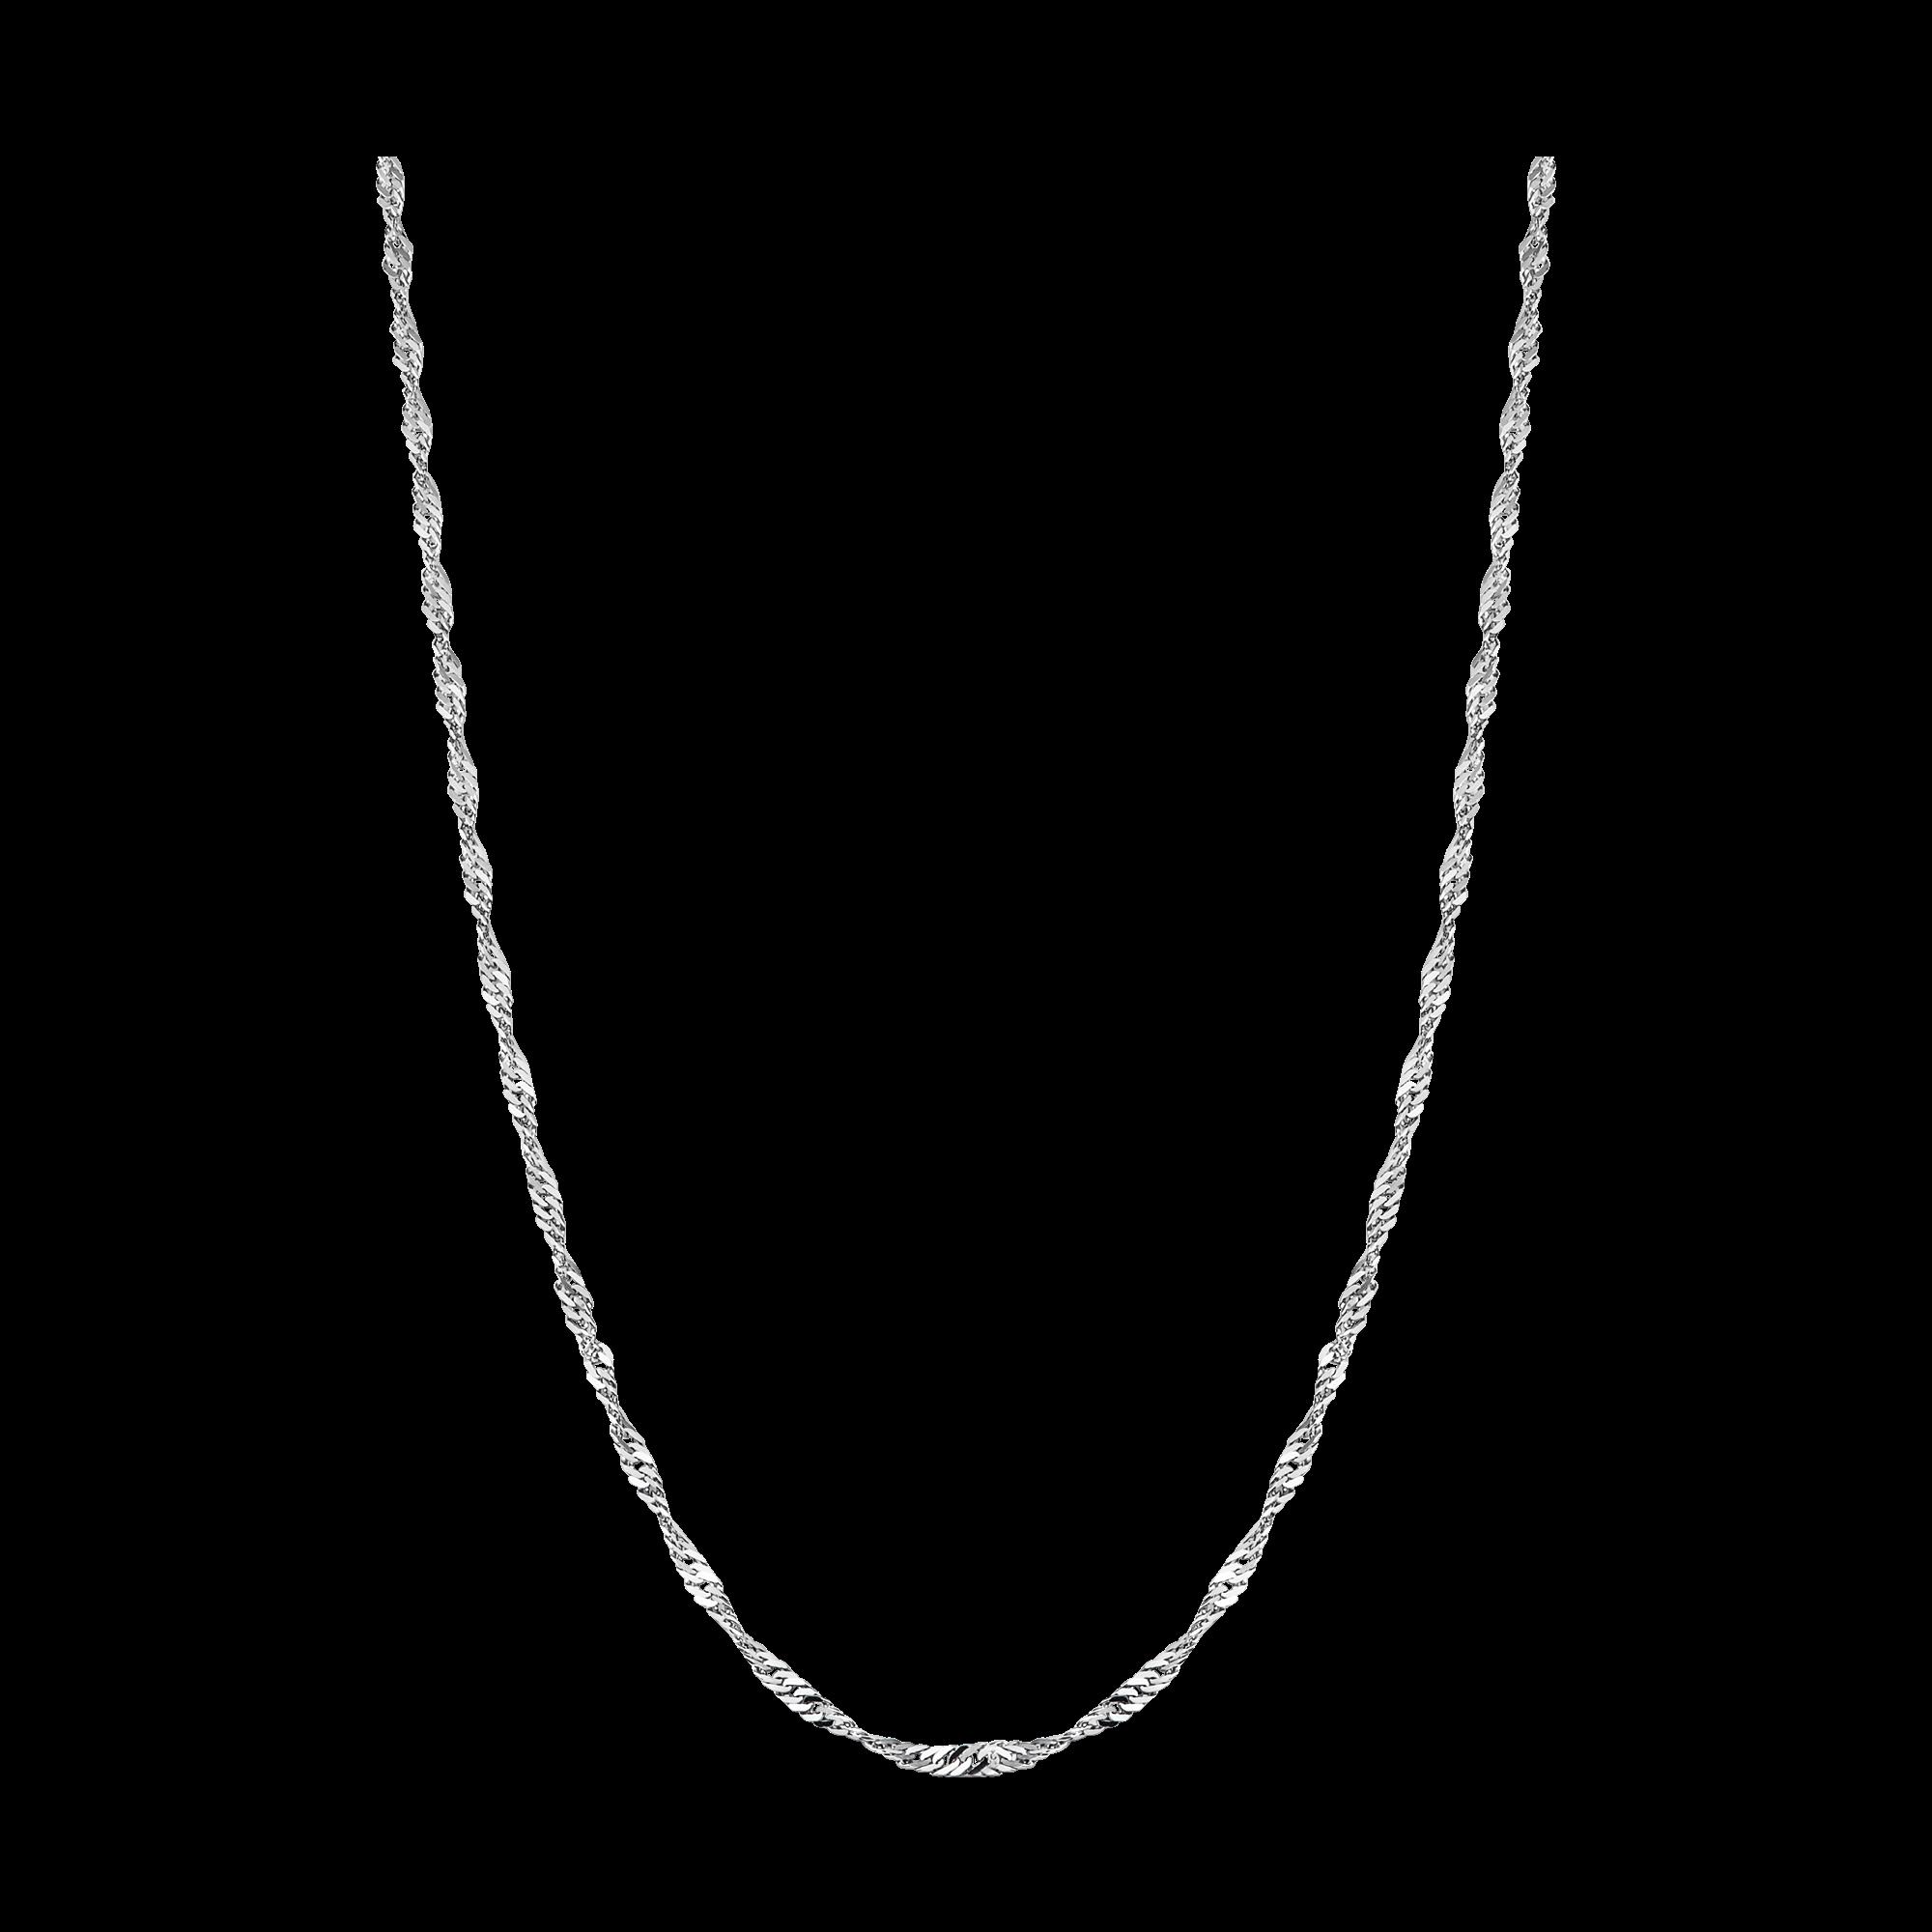 Dây chuyền Vàng trắng 10K PNJ kiểu dây đan lật đôi 0000W000221